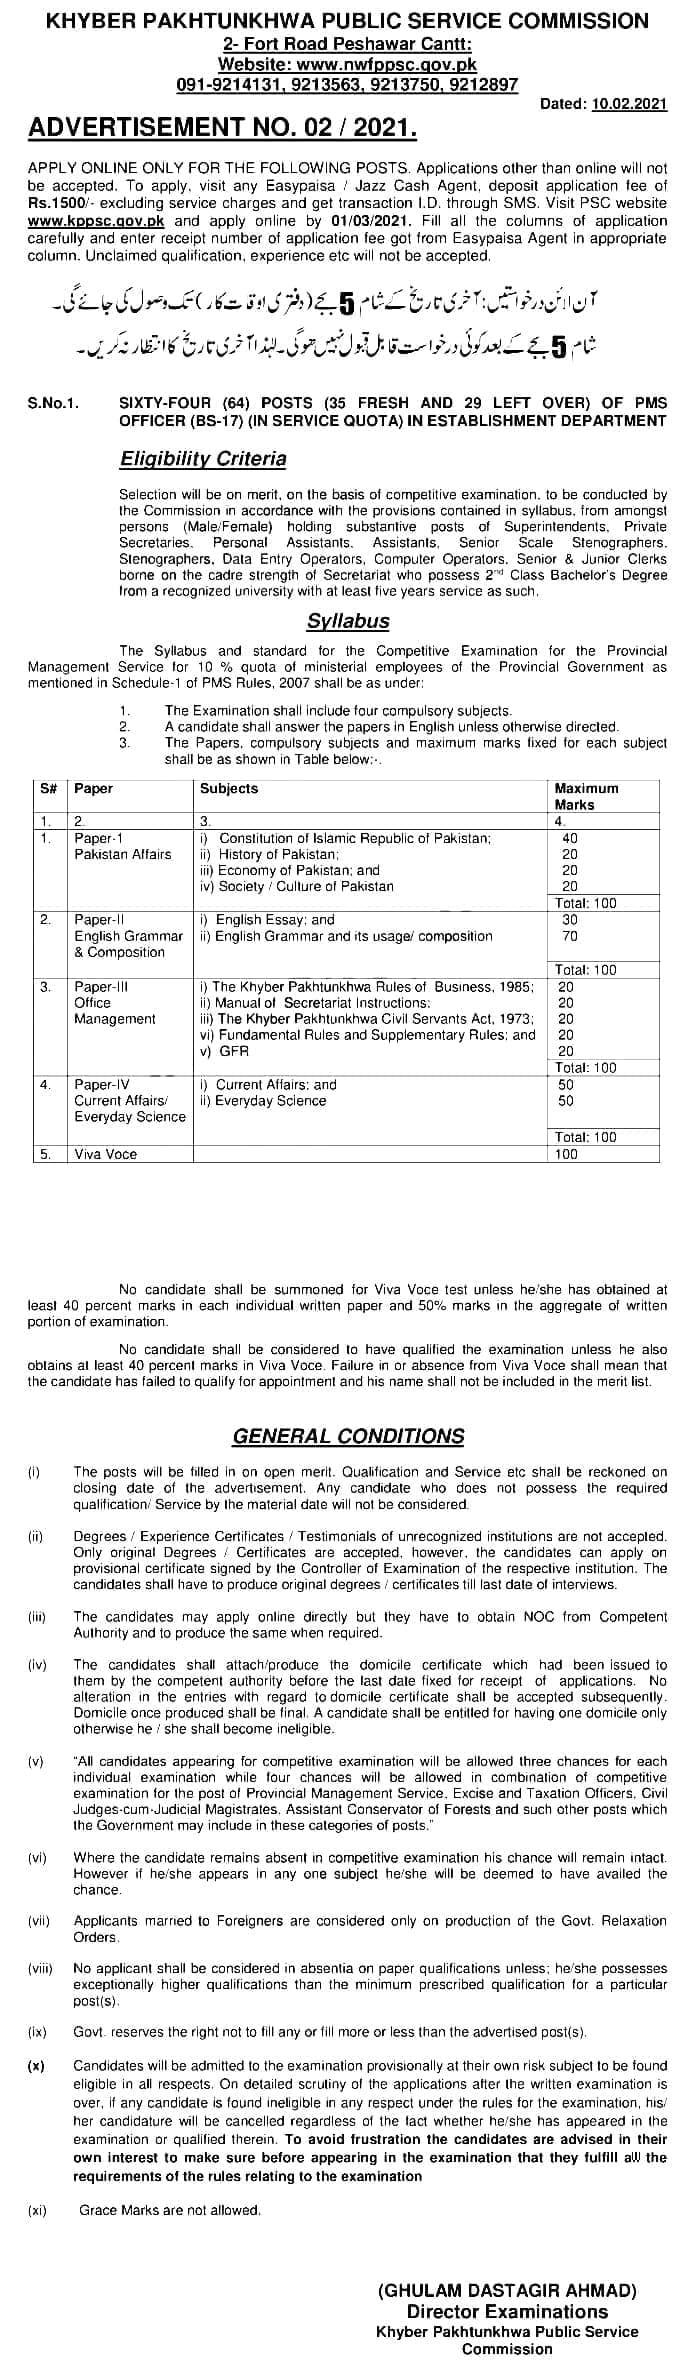 Establishment Department PMS Officer KPPSC Jobs 2021 Registration Online Roll No Slips